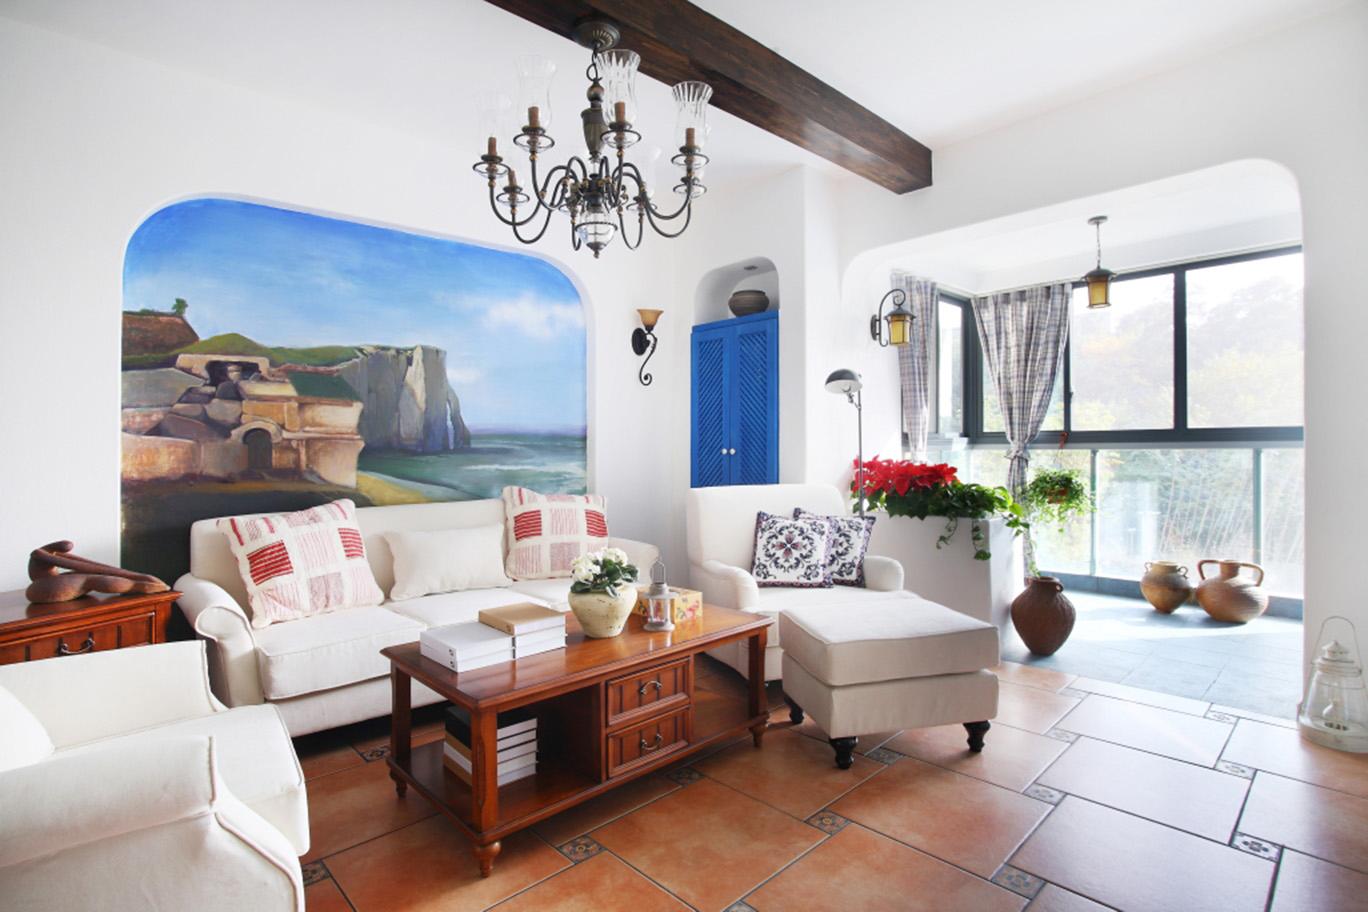 地中海风格在造型方面,一般选择流畅的线条,圆弧形就是很好的选择,他可以放在我们家居的空间的每一个角落,一个圆弧形的拱门,一个流线型的门窗,都是地中海家装中的重要元素。并且地中海风格要求自然清新的效果,墙壁可以不需要精心的粉刷,让他自然的呈现一些凹凸和粗糙之感。电视背景墙无需精心装饰,一幅海景画就是很好的背景。